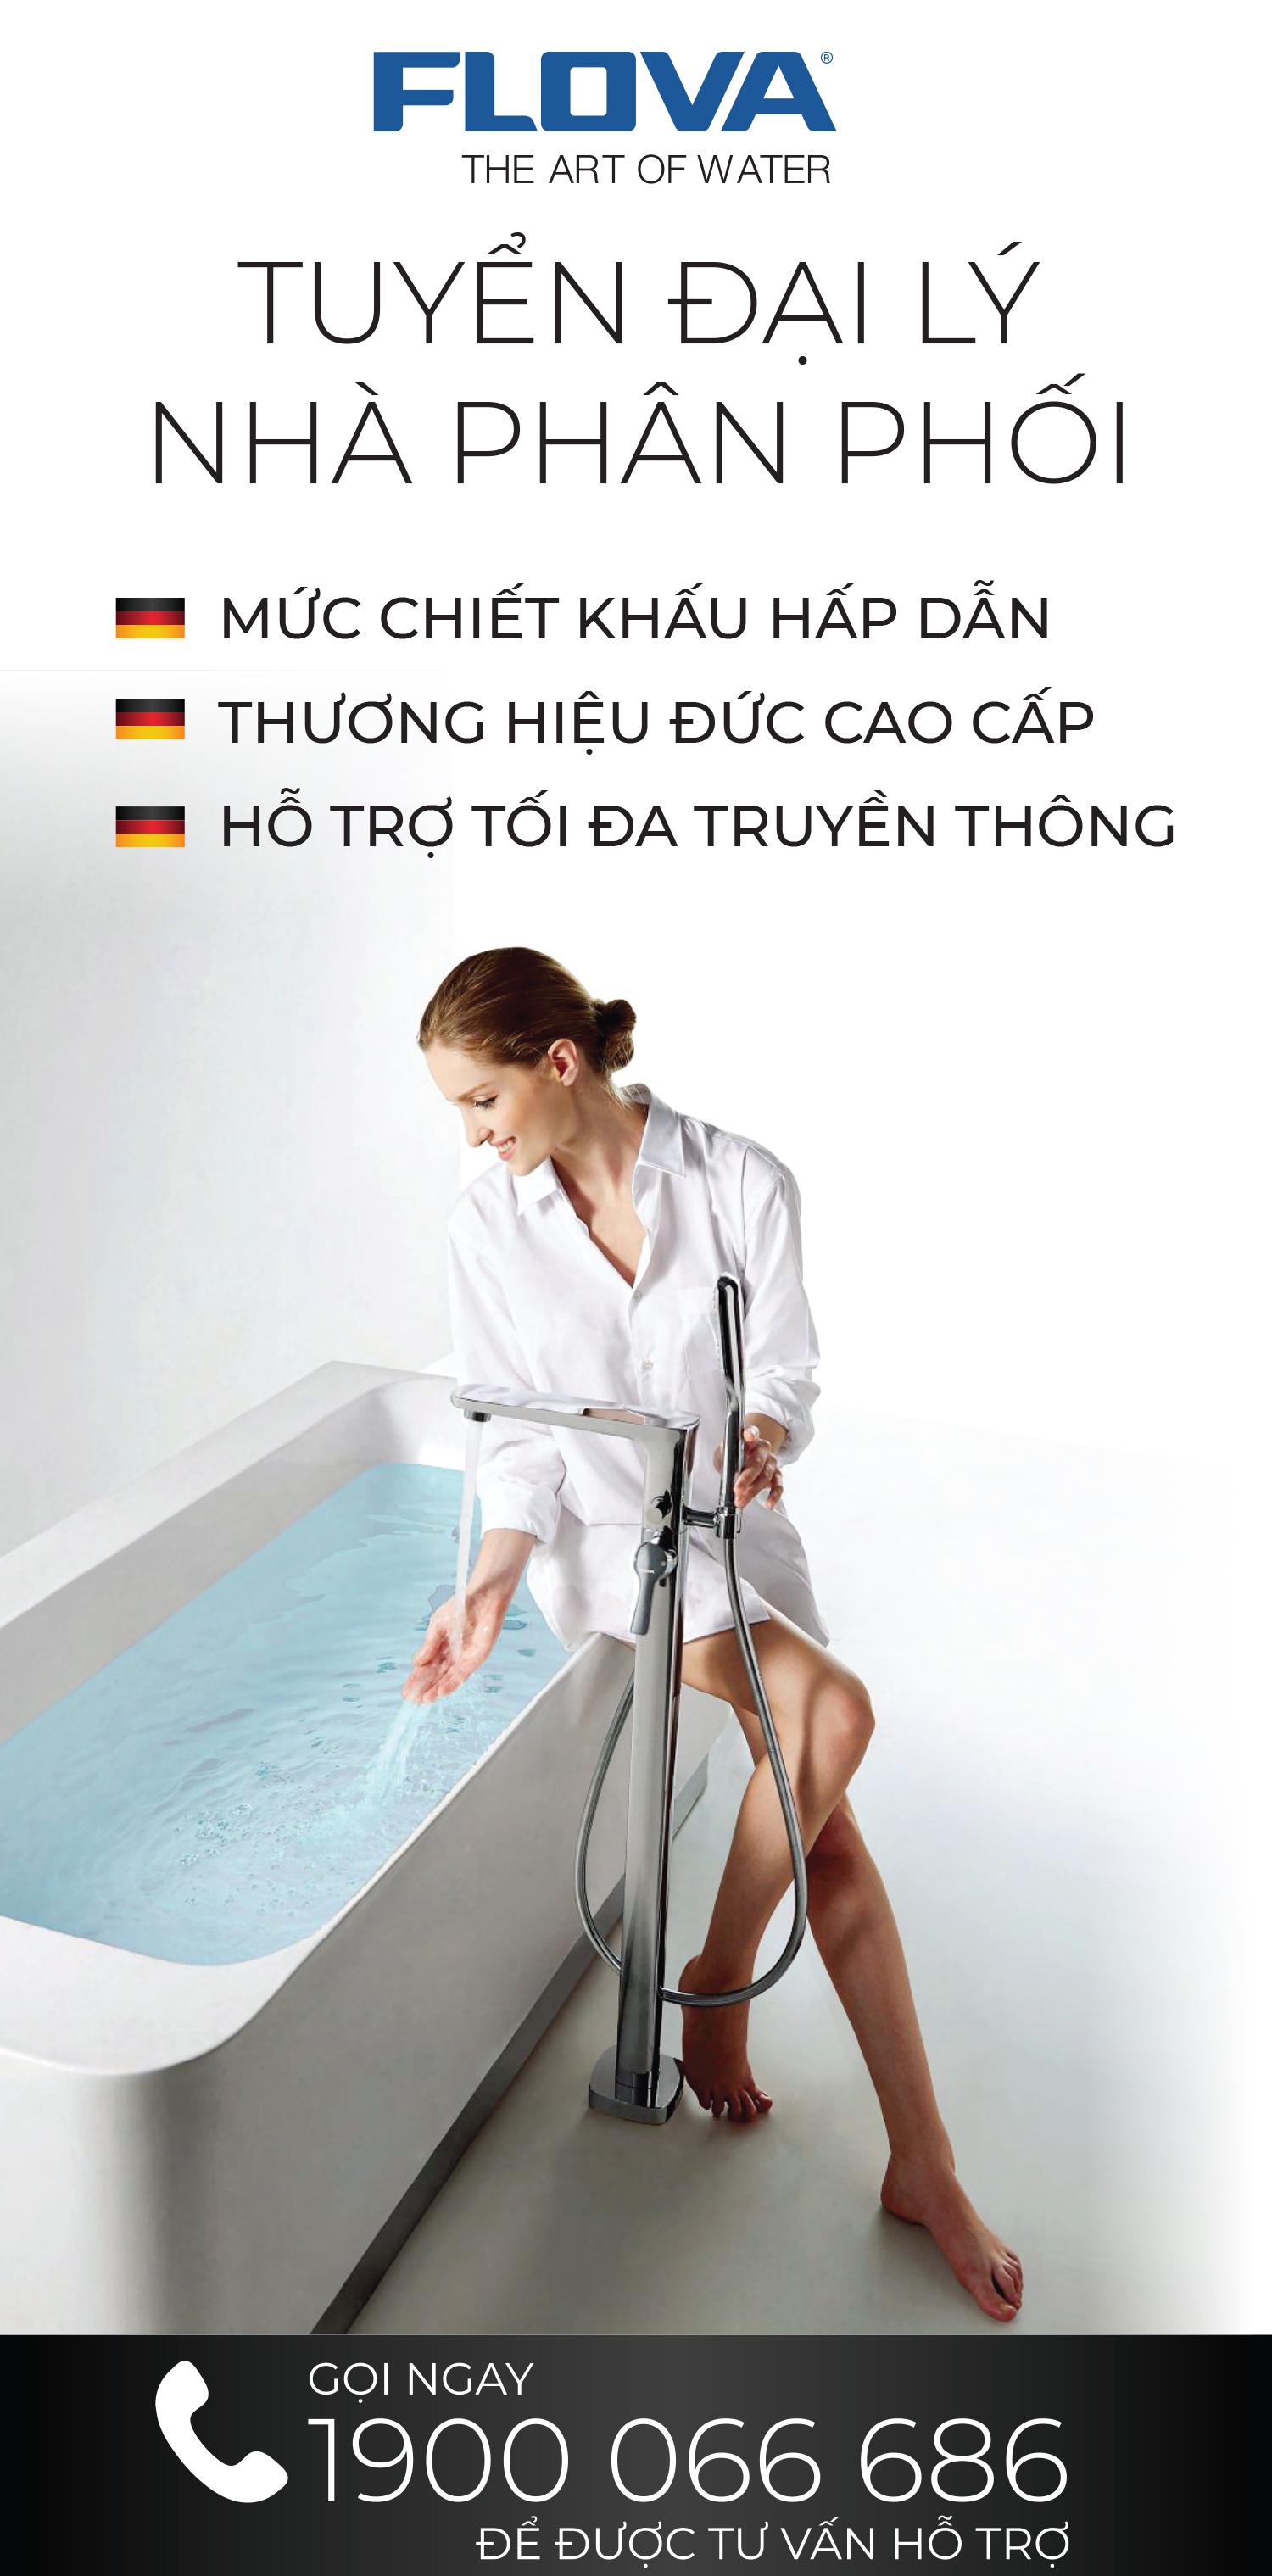 #https://flova.vn/uploads/banner-trai/tuyen-dai-ly3.jpg